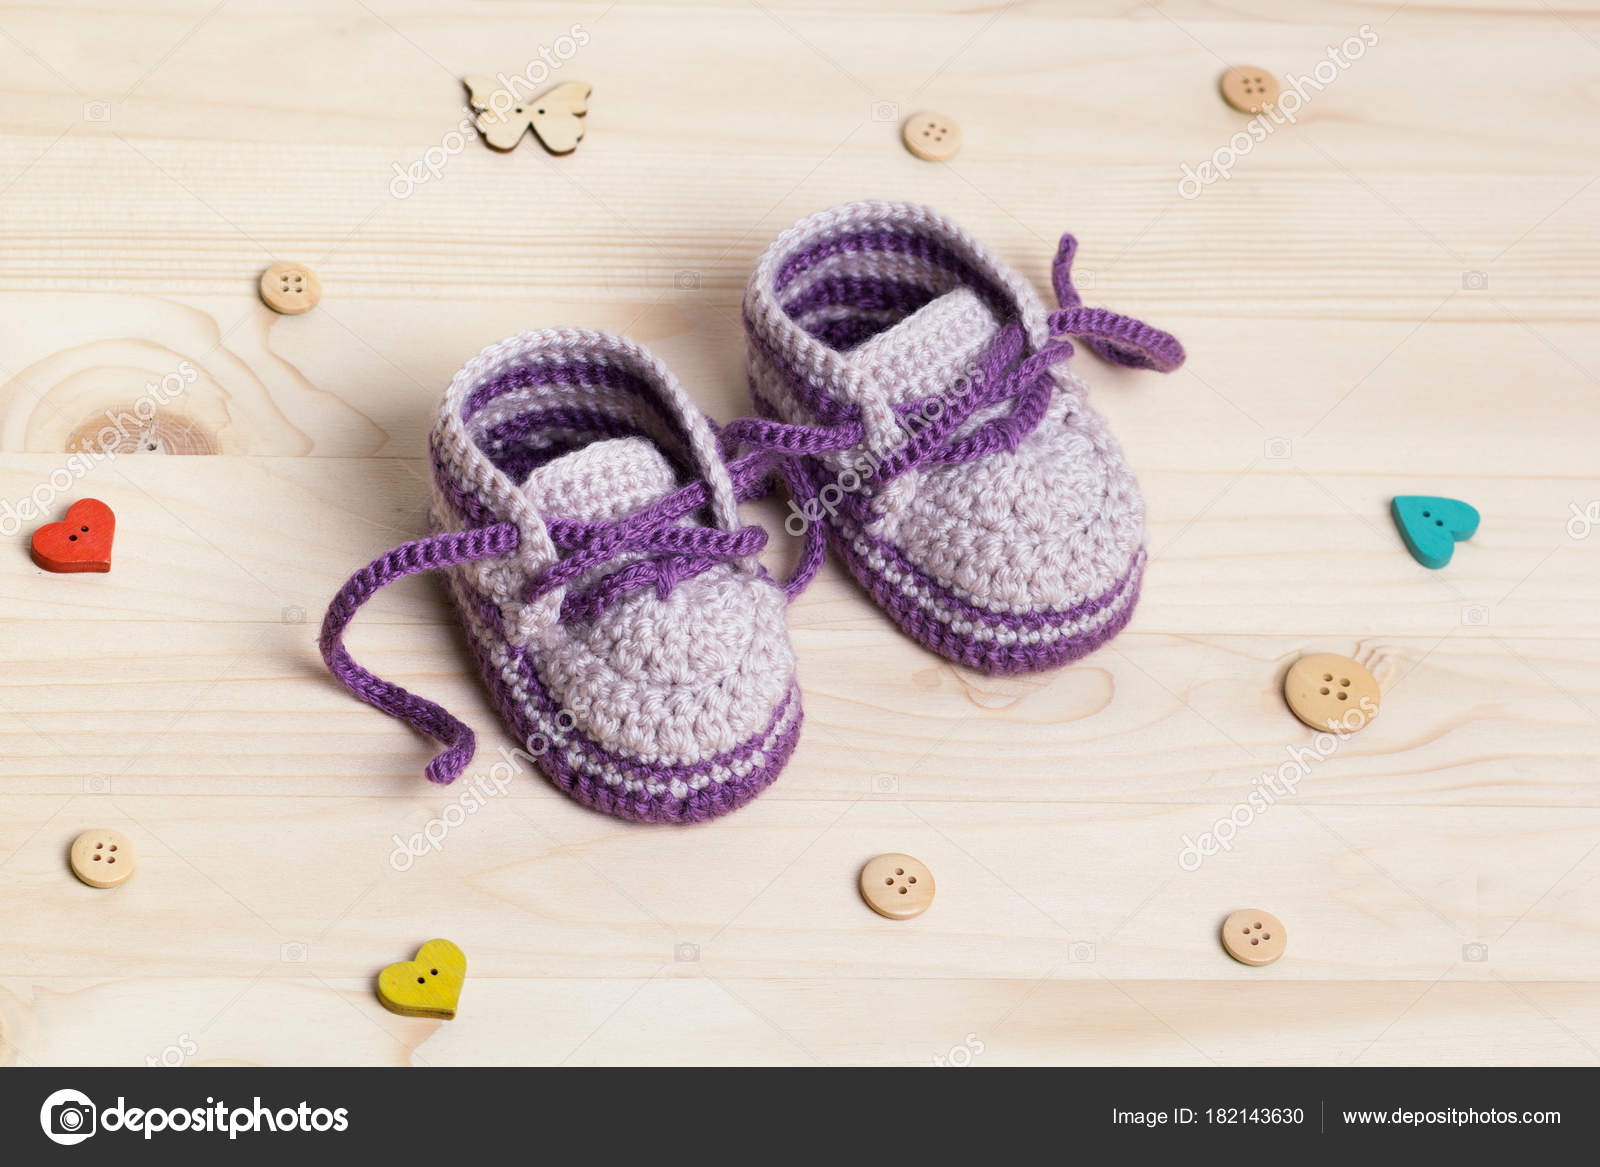 Baby Booties Häkeln Auf Hölzernen Hintergrund — Stockfoto © Druzenko ...